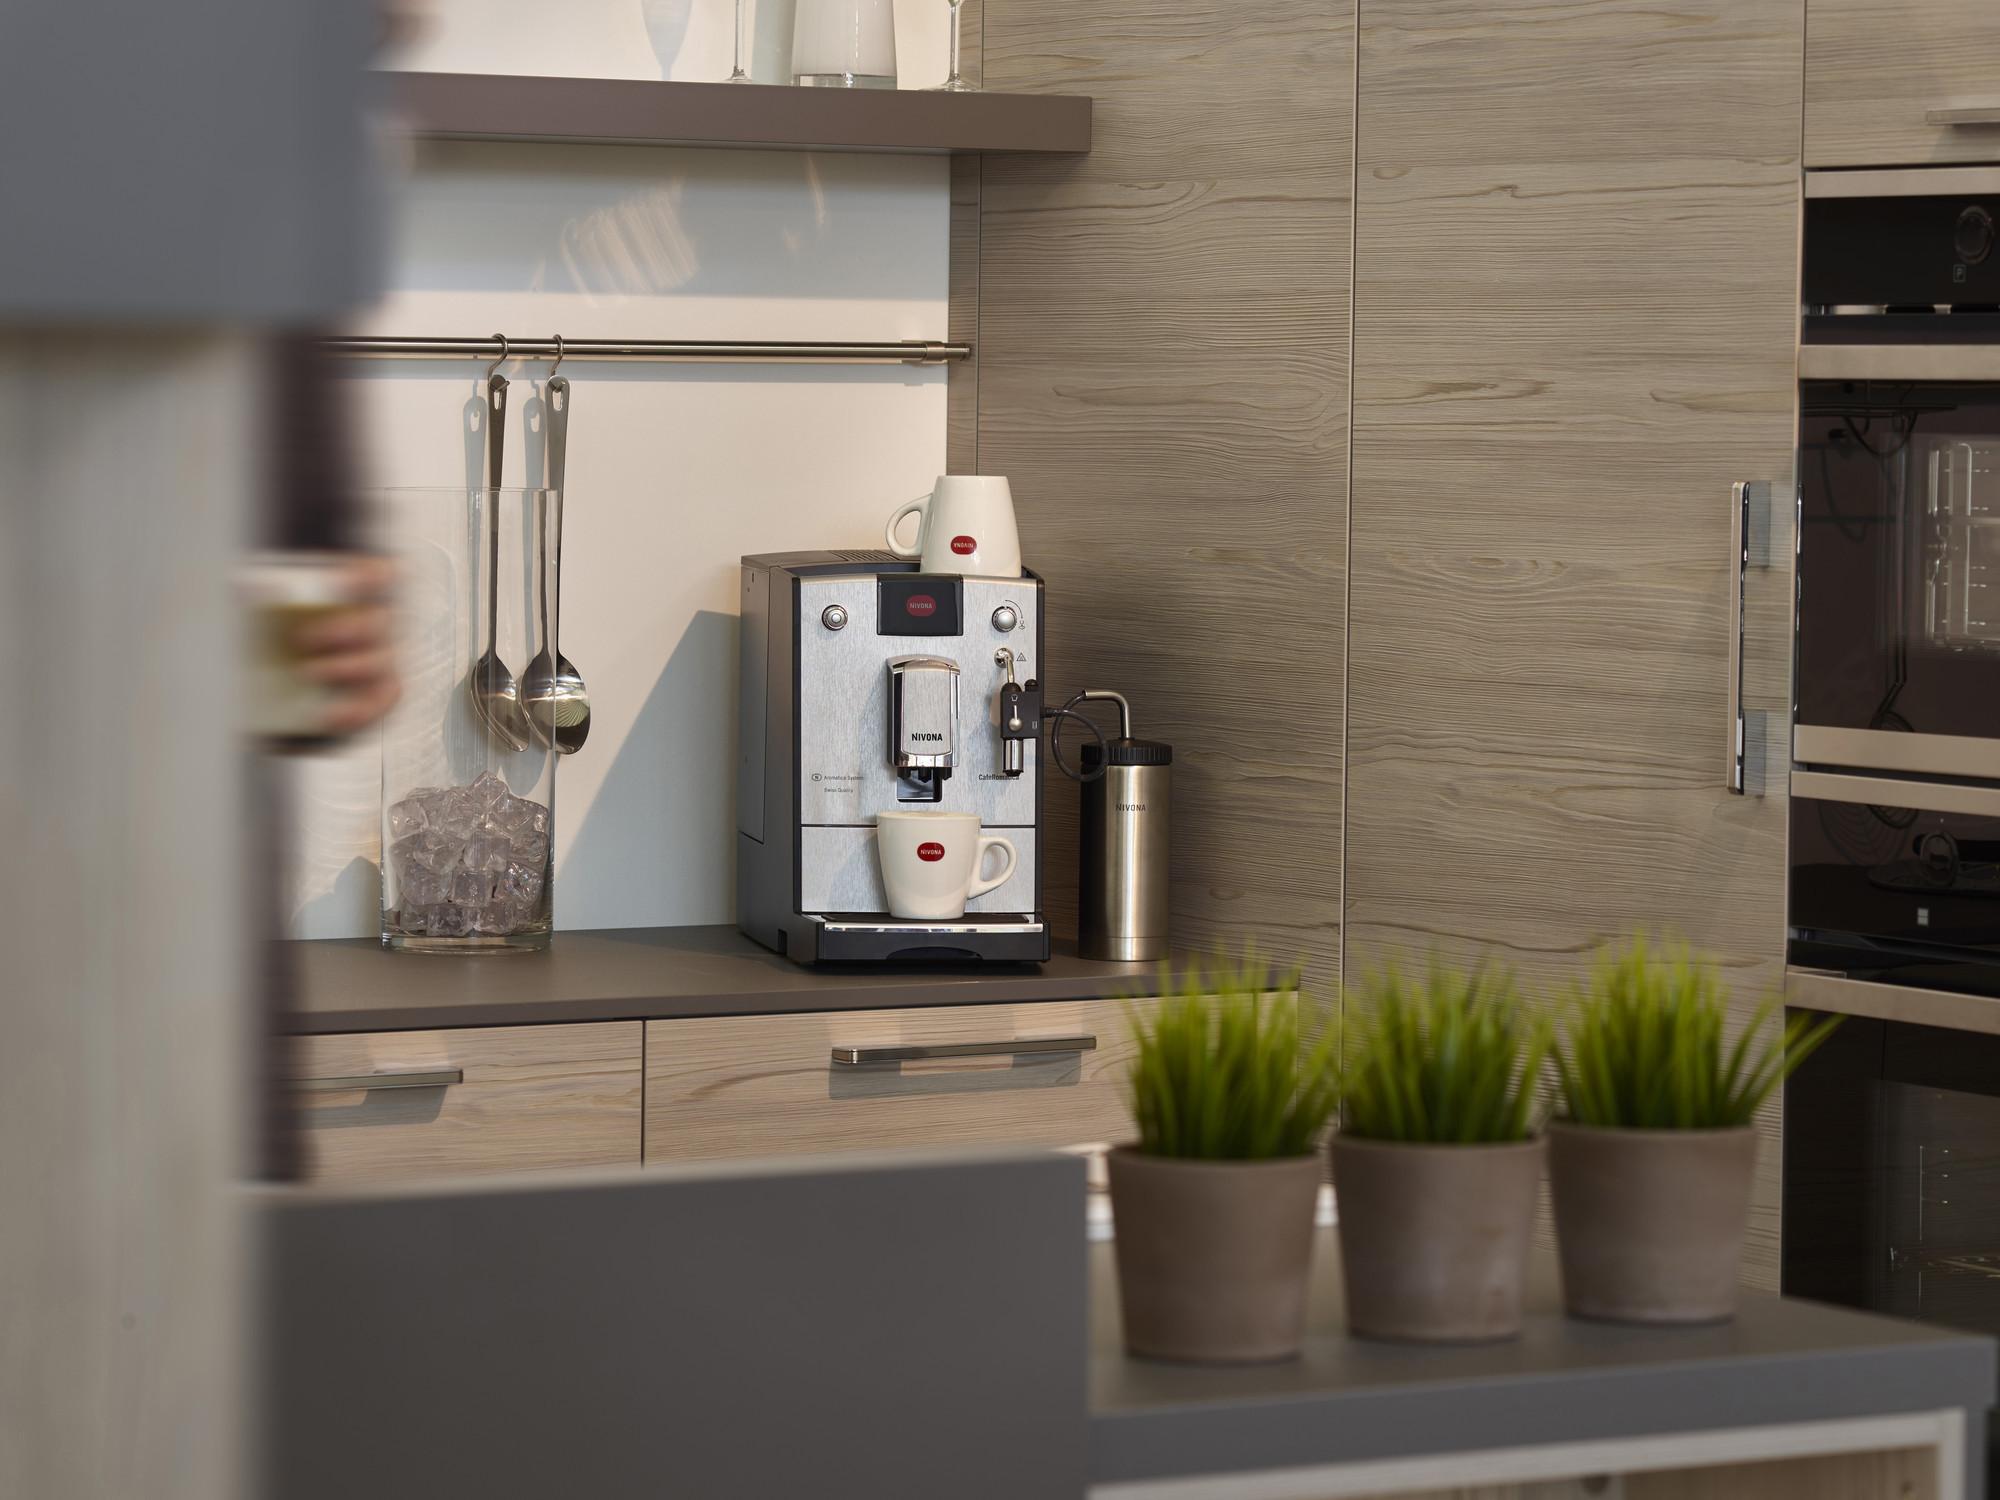 Кофемашина NICR 670 + кофе в зернах Craft, Platinum, Oro, Delikato